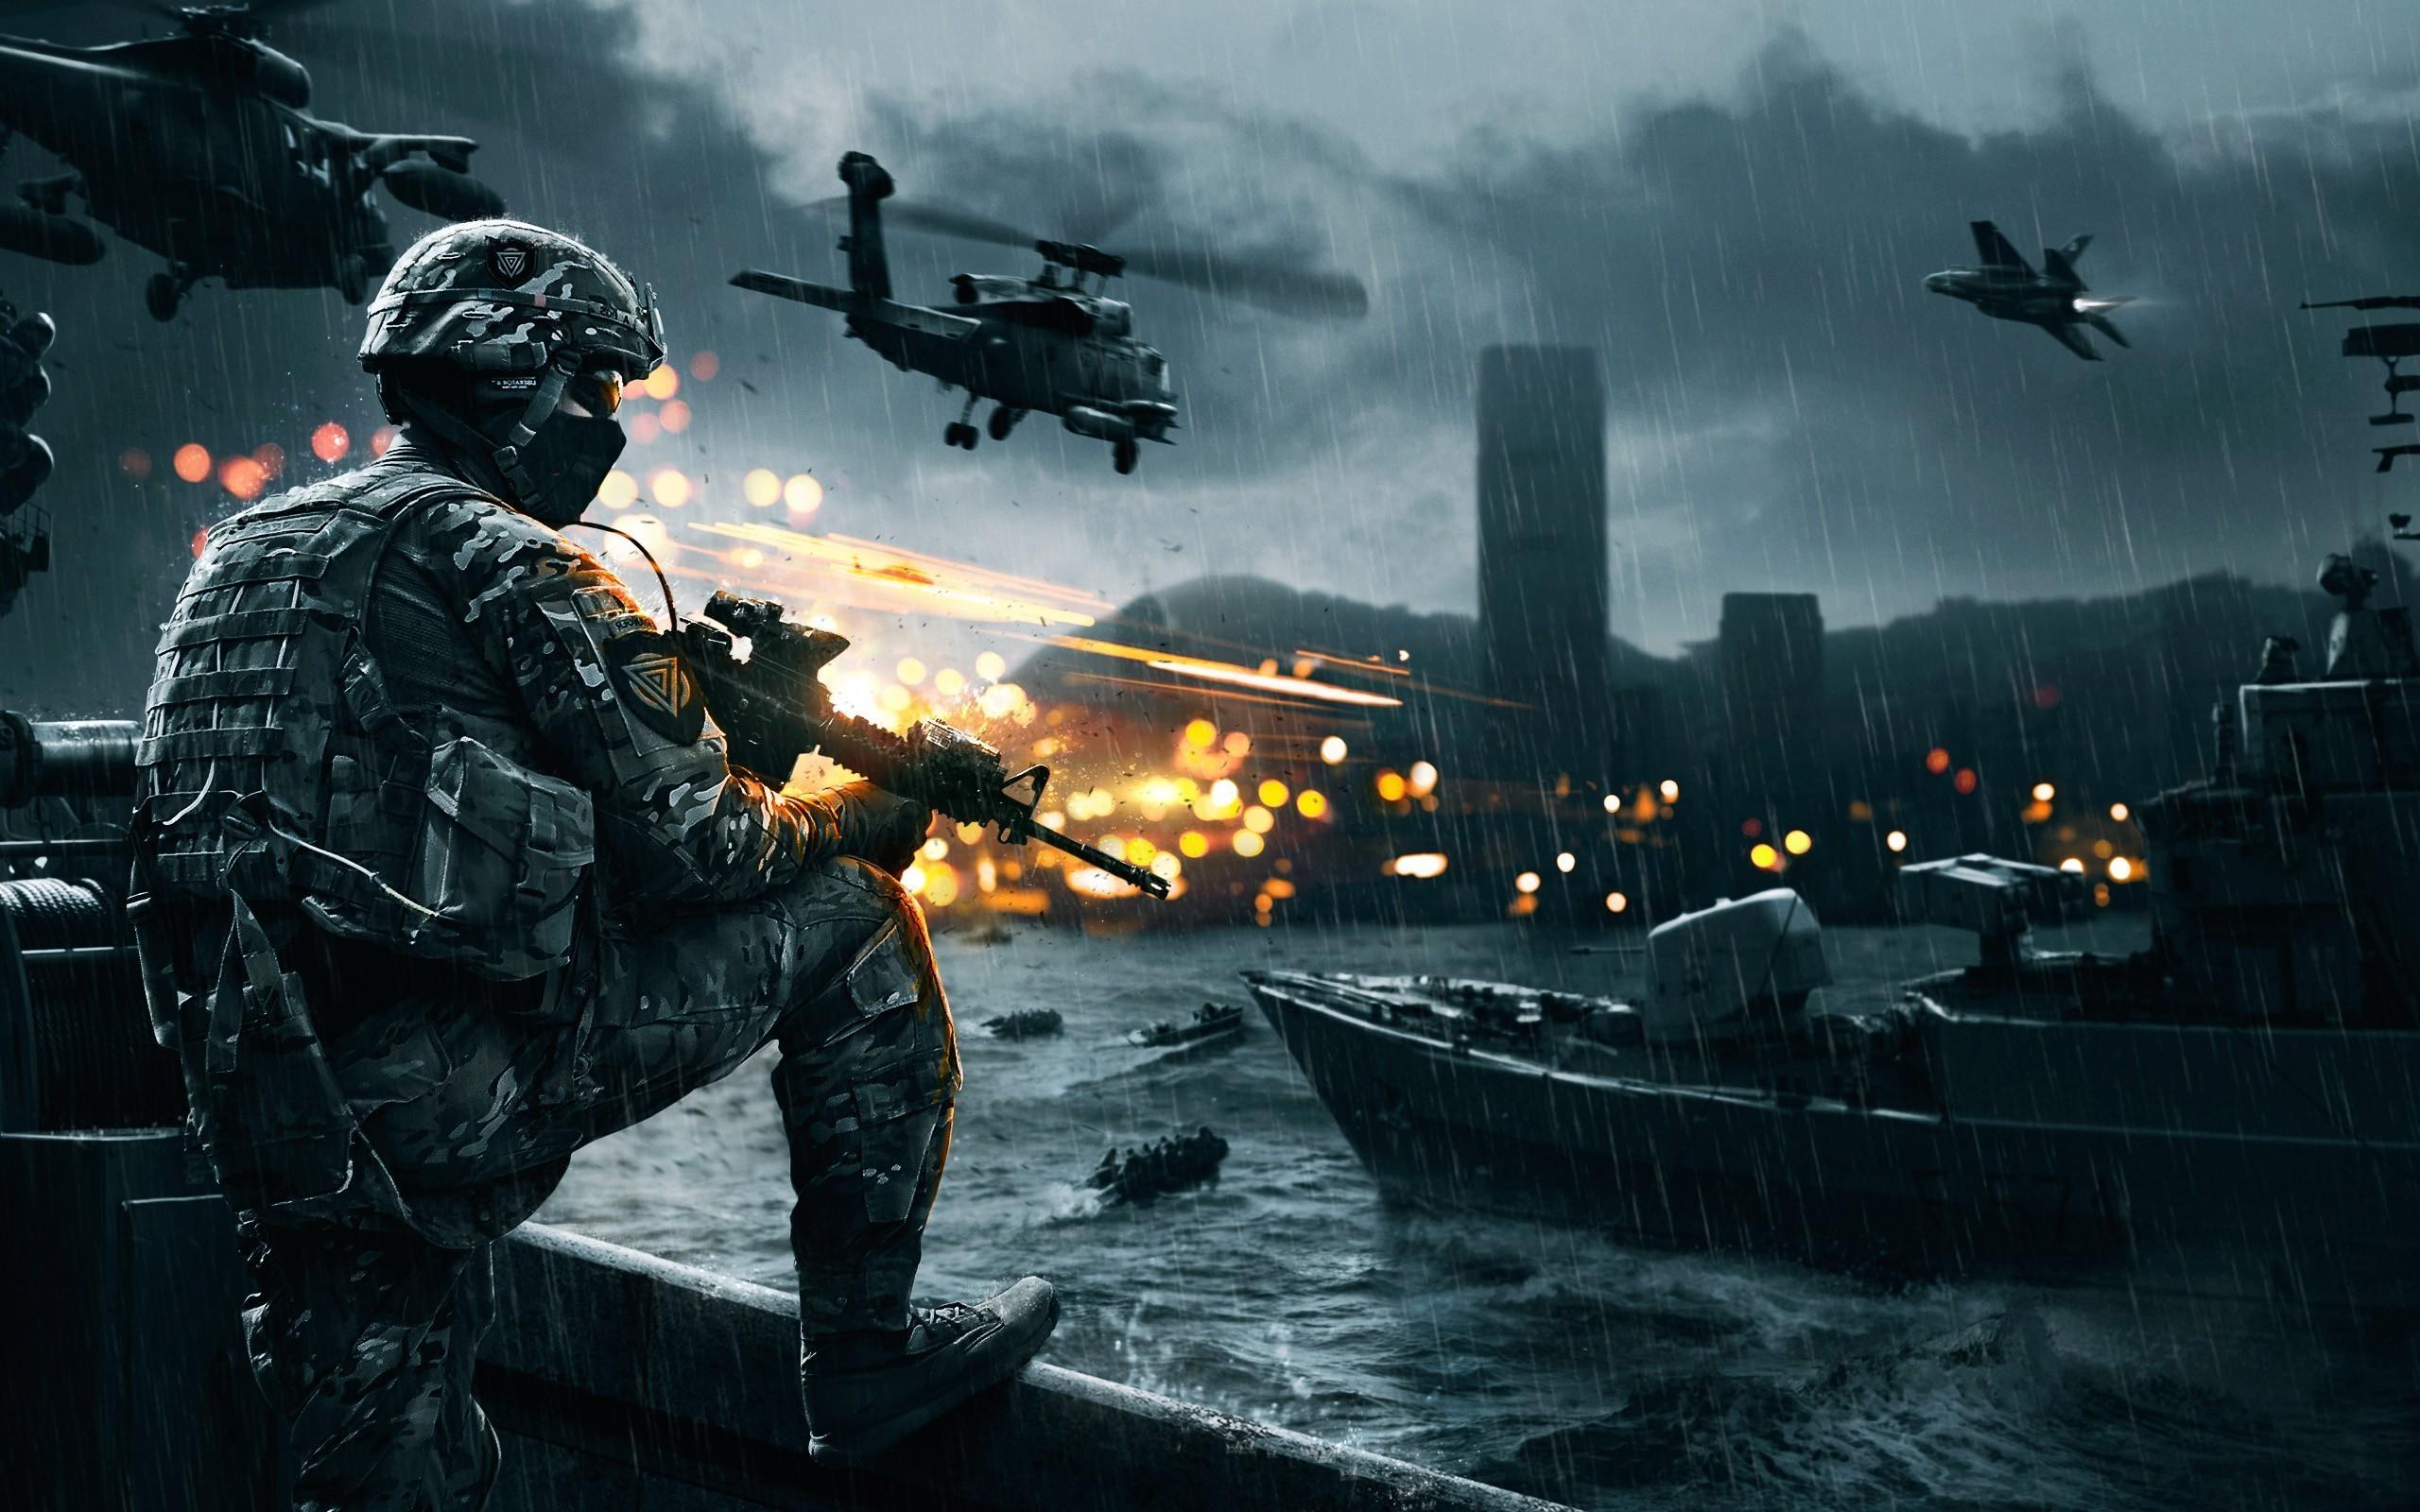 Battlefield hd wallpapers 1080p wallpapertag - Battlefield 3 hd wallpaper 1080p ...